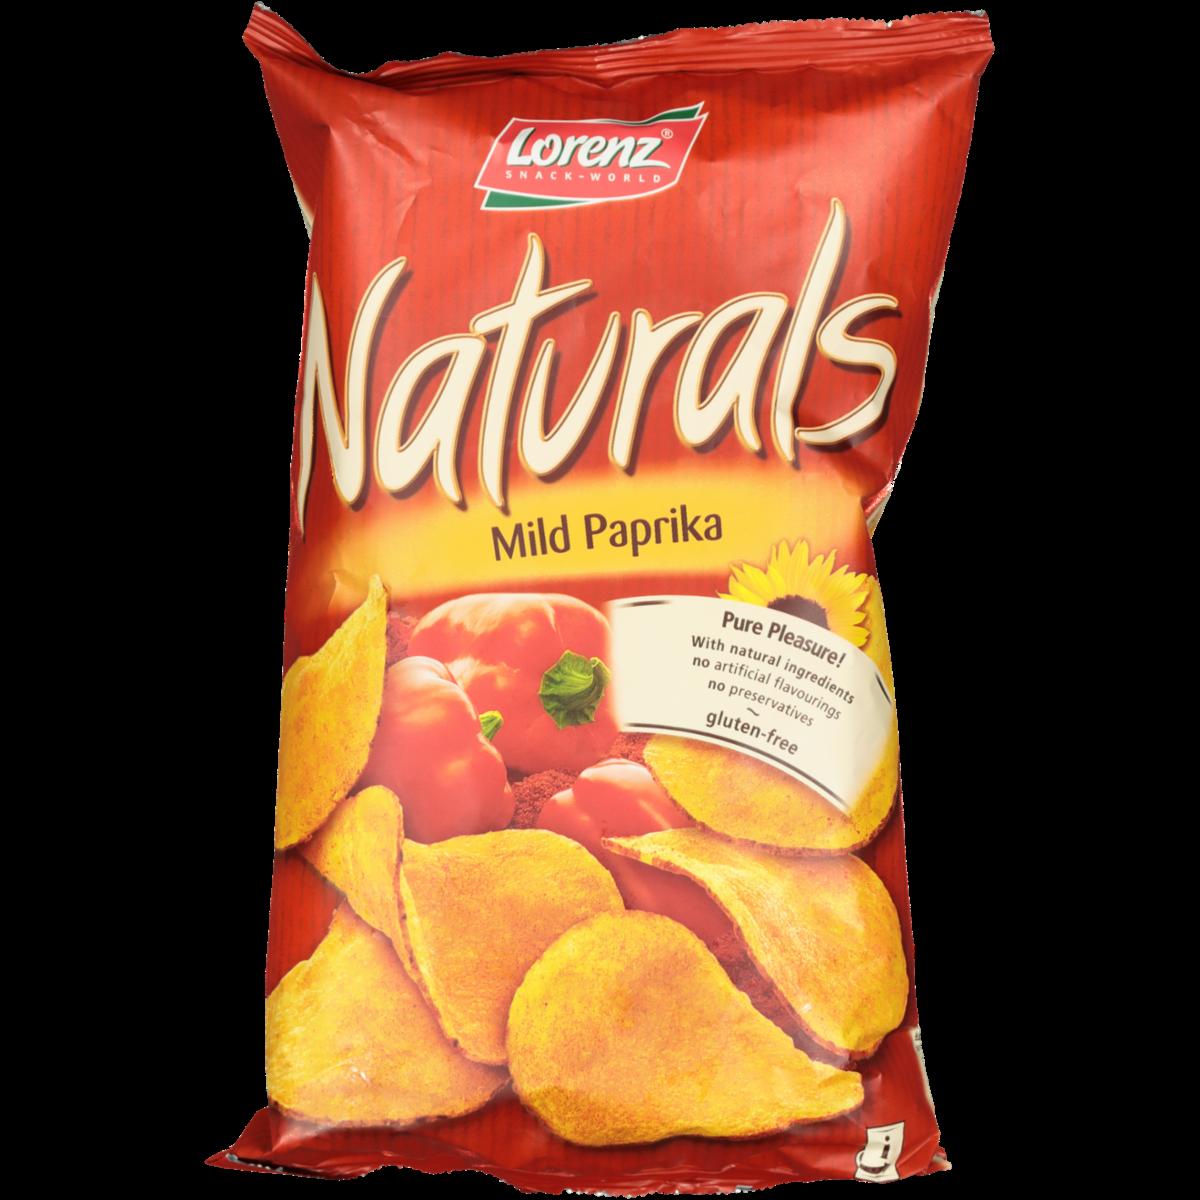 NATURALS GLUTEN FREE MILD PAPRIKA CHIPS